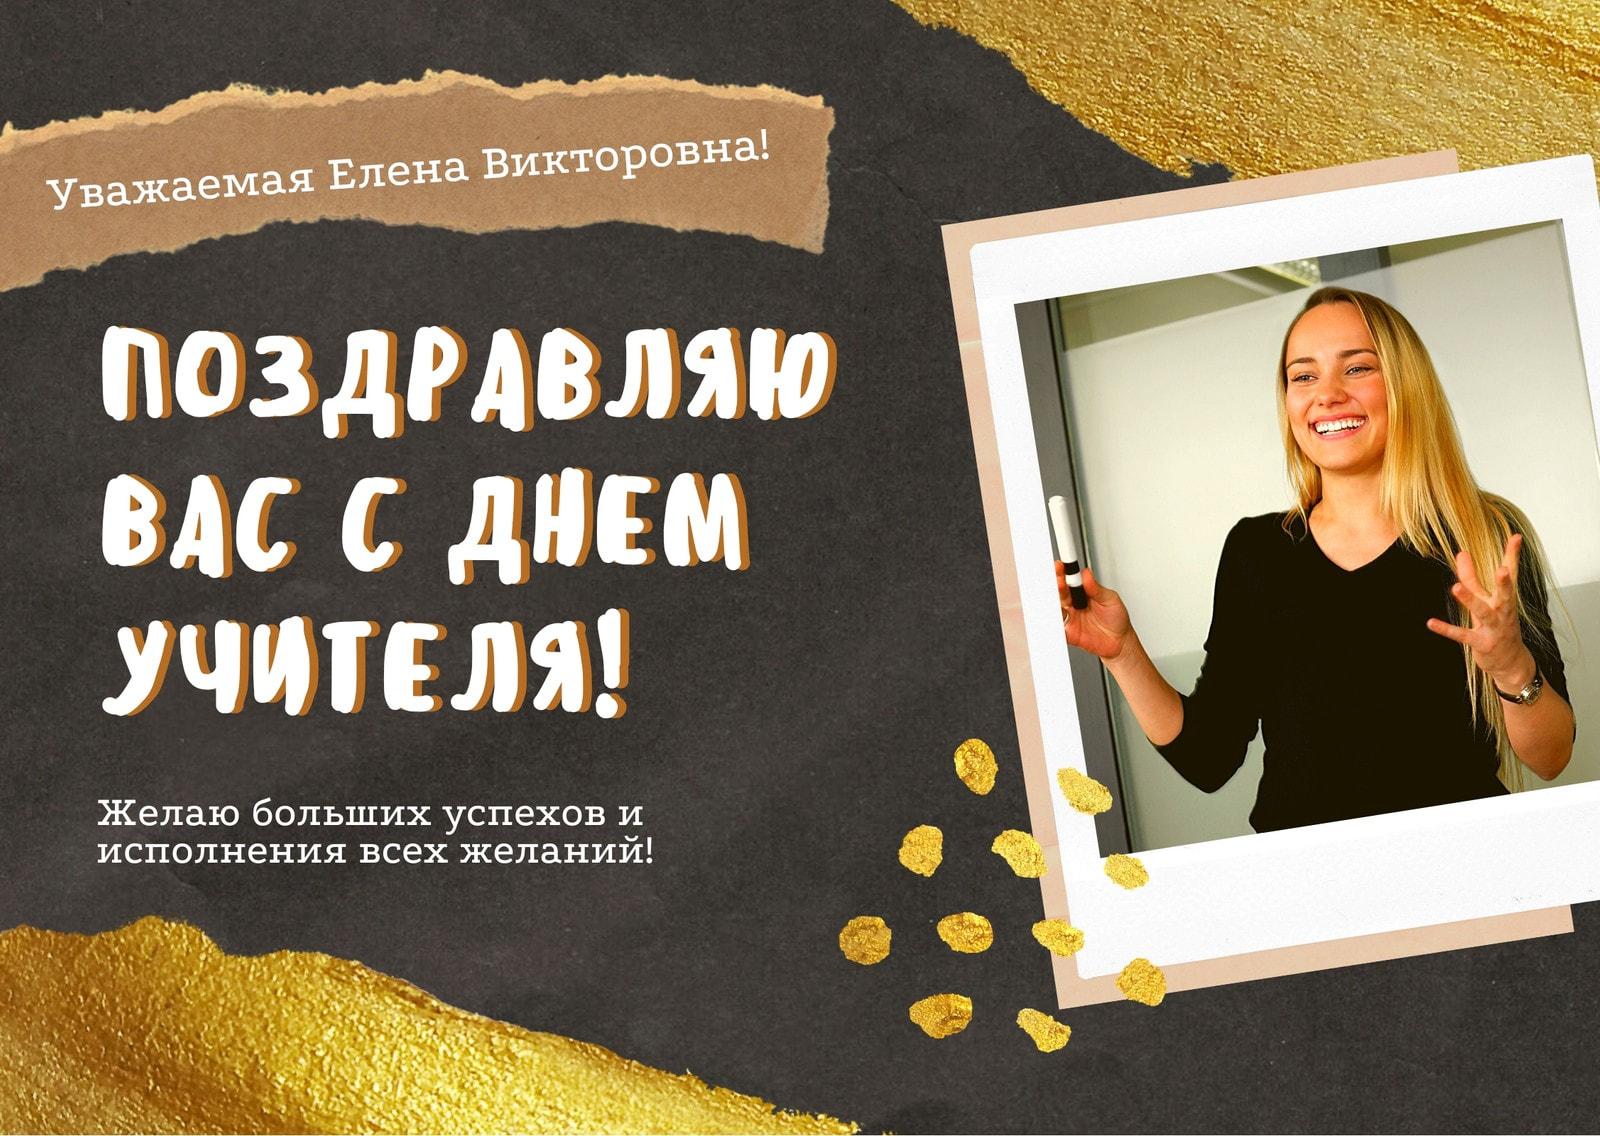 Черно-золотая открытка на день учителя с фотографией девушки